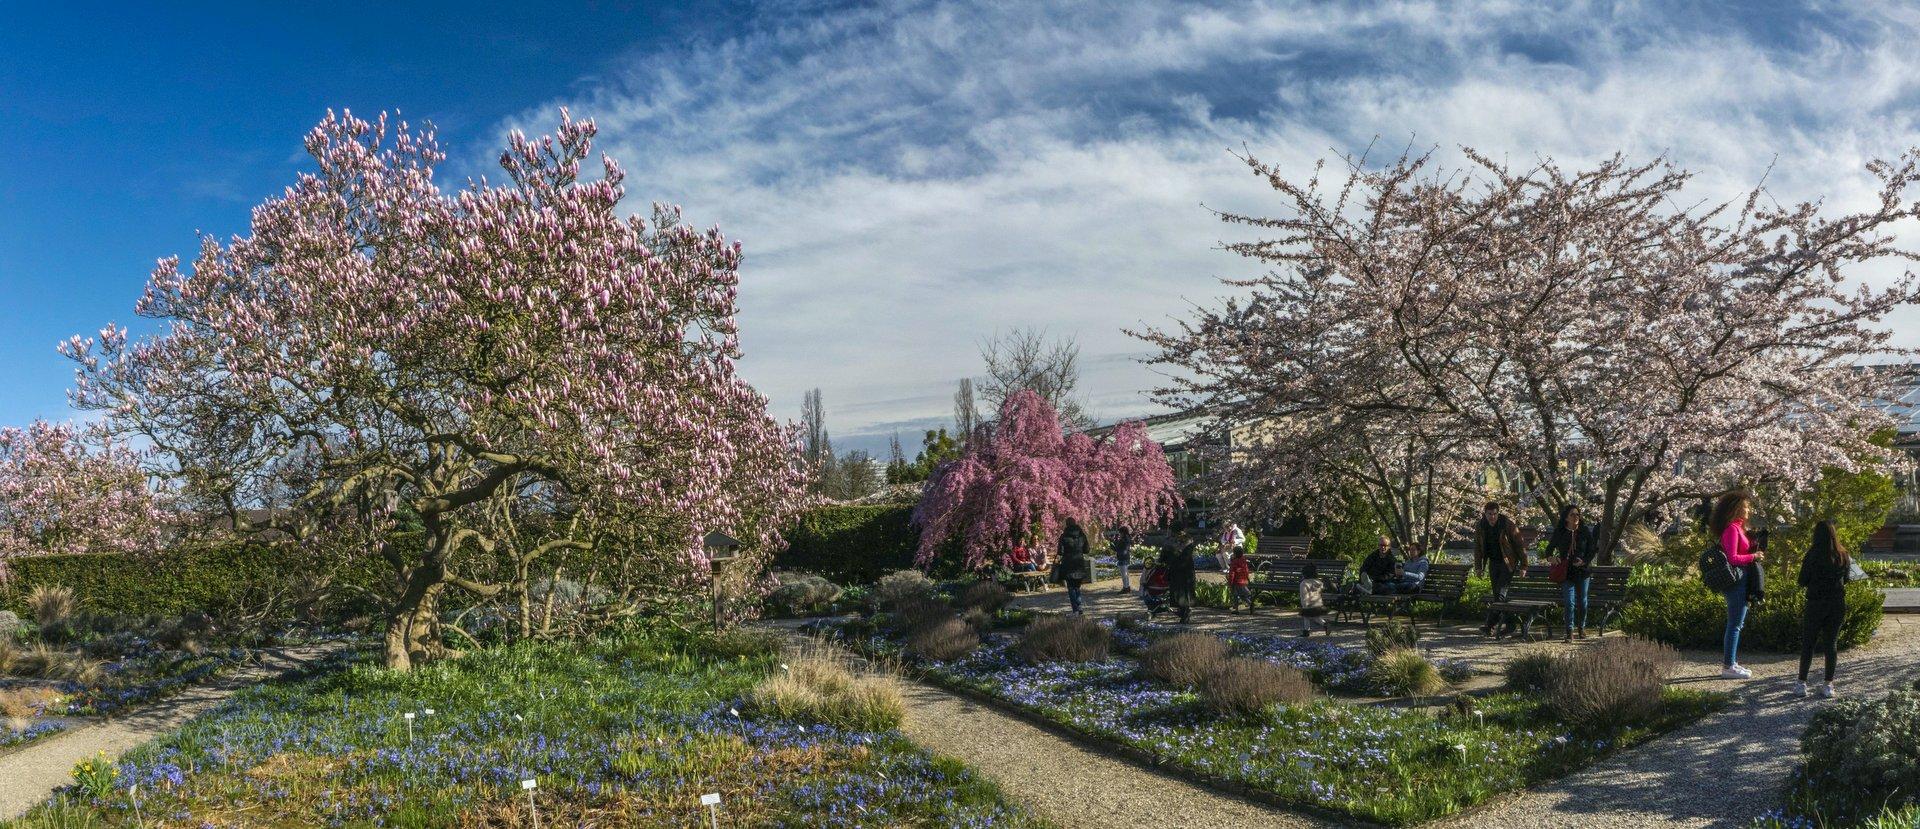 Magnolie und japanische Zierkirschen im Irisgarten des Berggartens